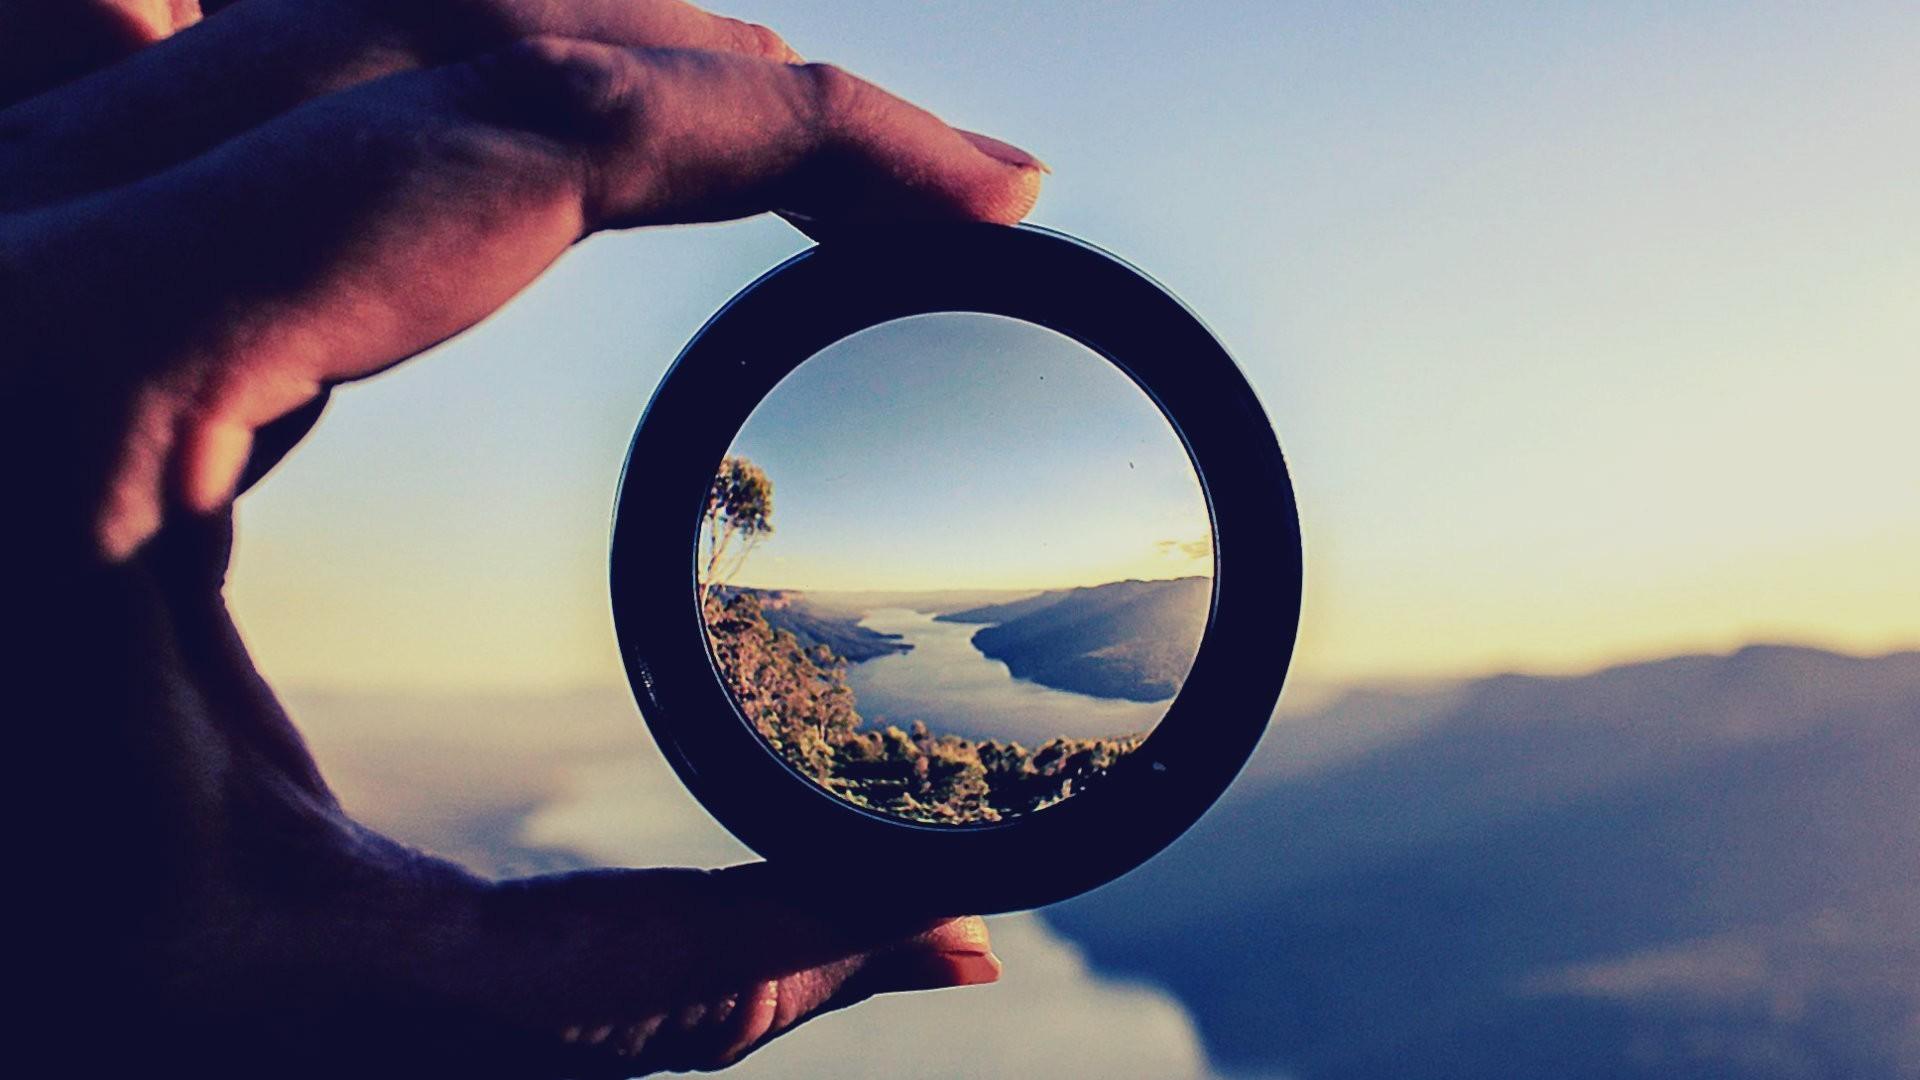 взгляд на мир.jpg